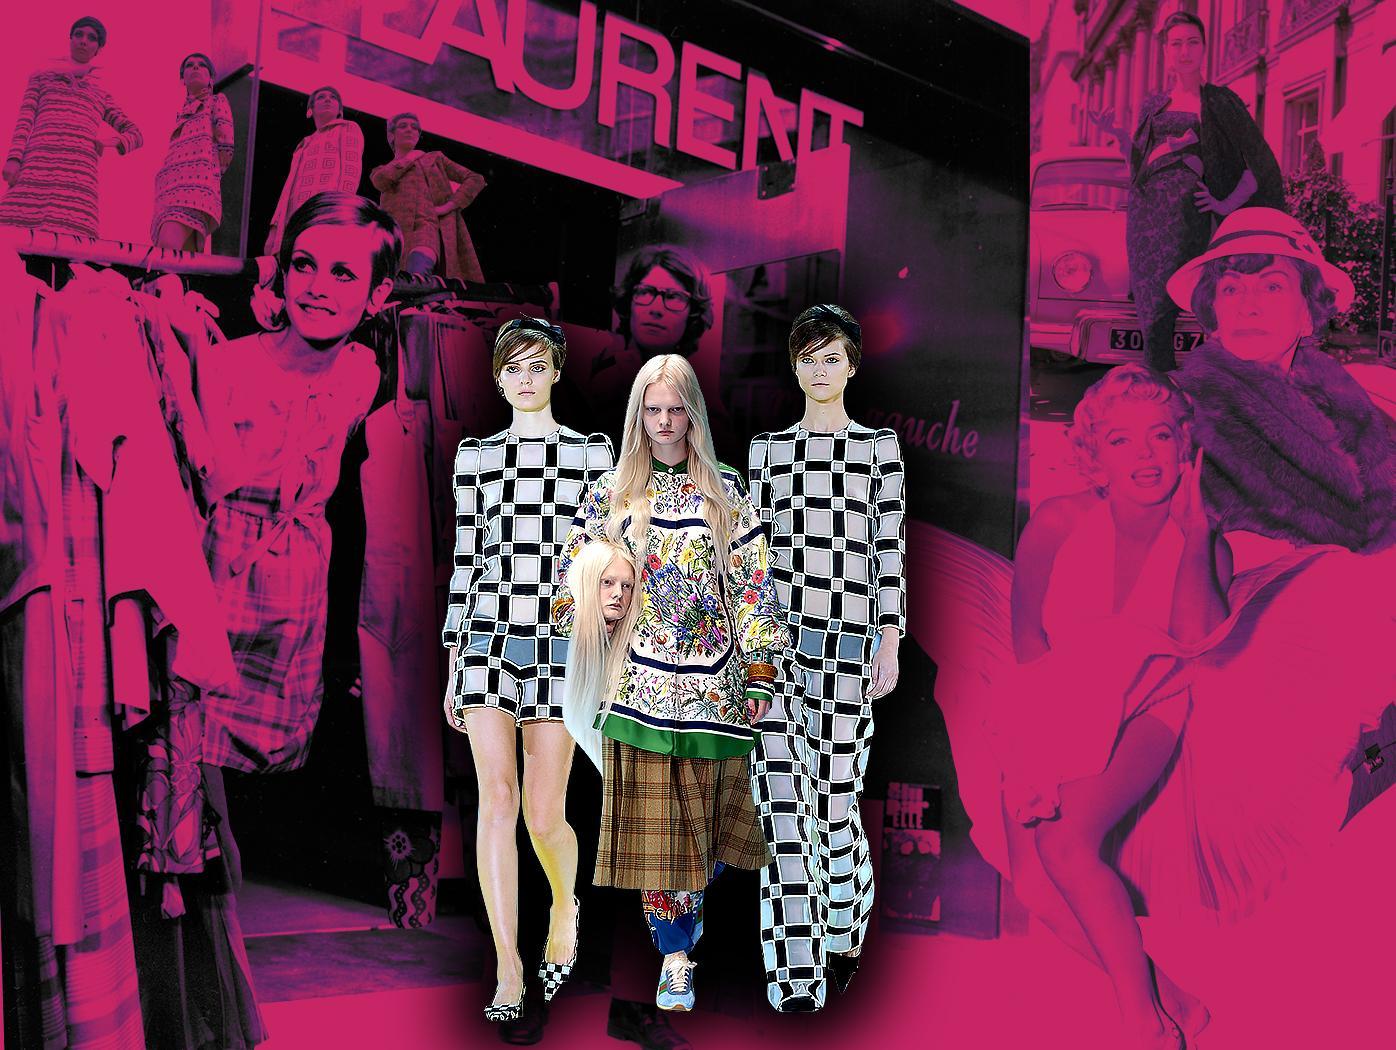 תצוגות האופנה הגדולות